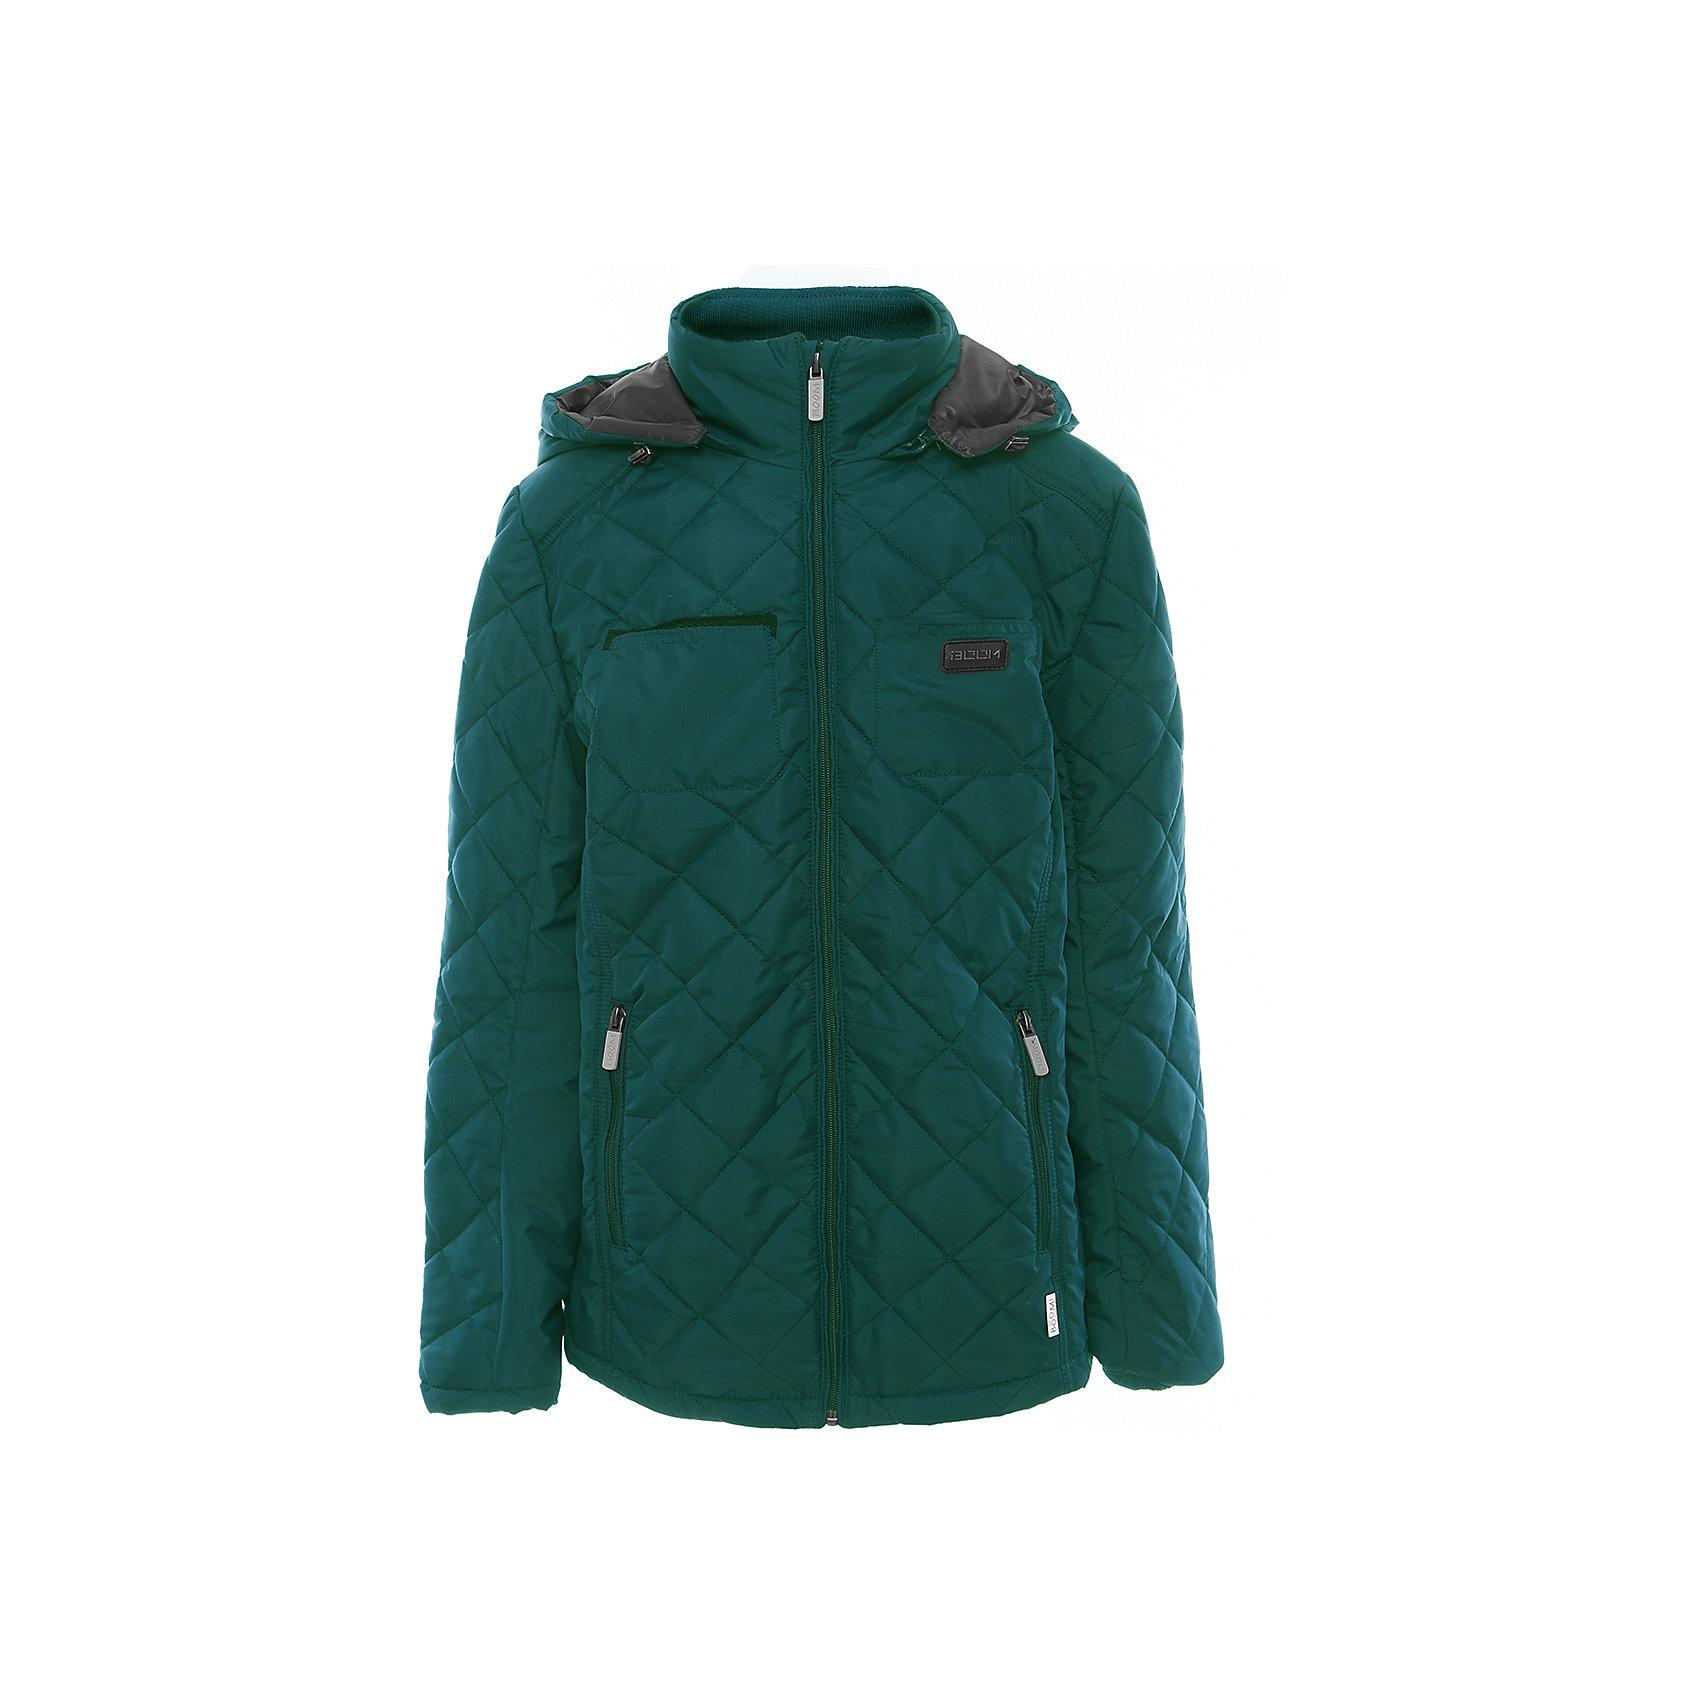 Куртка для мальчика BOOM by OrbyВерхняя одежда<br>Характеристики товара:<br><br>• цвет: зелёный<br>• состав: верх - таффета, подкладка - поликоттон, полиэстер, утеплитель: Flexy Fiber 150 г/м2<br>• карманы<br>• температурный режим: от -5 С° до +10 С° <br>• капюшон<br>• застежка - молния<br>• воротник-стойка<br>• комфортная посадка<br>• страна производства: Российская Федерация<br>• страна бренда: Российская Федерация<br>• коллекция: весна-лето 2017<br><br>Такая куртка- отличный вариант для походов в школу в межсезонье с его постоянно меняющейся погодой. Эта модель - модная и удобная одновременно! Изделие отличается стильным элегантным дизайном. Куртка хорошо сидит по фигуре, отлично сочетается с различным низом. Вещь была разработана специально для детей.<br><br>Одежда от российского бренда BOOM by Orby уже завоевала популярностью у многих детей и их родителей. Вещи, выпускаемые компанией, качественные, продуманные и очень удобные. Для производства коллекций используются только безопасные для детей материалы. Спешите приобрести модели из новой коллекции Весна-лето 2017! <br><br>Куртку для мальчика от бренда BOOM by Orby можно купить в нашем интернет-магазине.<br><br>Ширина мм: 356<br>Глубина мм: 10<br>Высота мм: 245<br>Вес г: 519<br>Цвет: зеленый<br>Возраст от месяцев: 96<br>Возраст до месяцев: 108<br>Пол: Мужской<br>Возраст: Детский<br>Размер: 134,128,122,116,170,164,158,152,146,140<br>SKU: 5343489